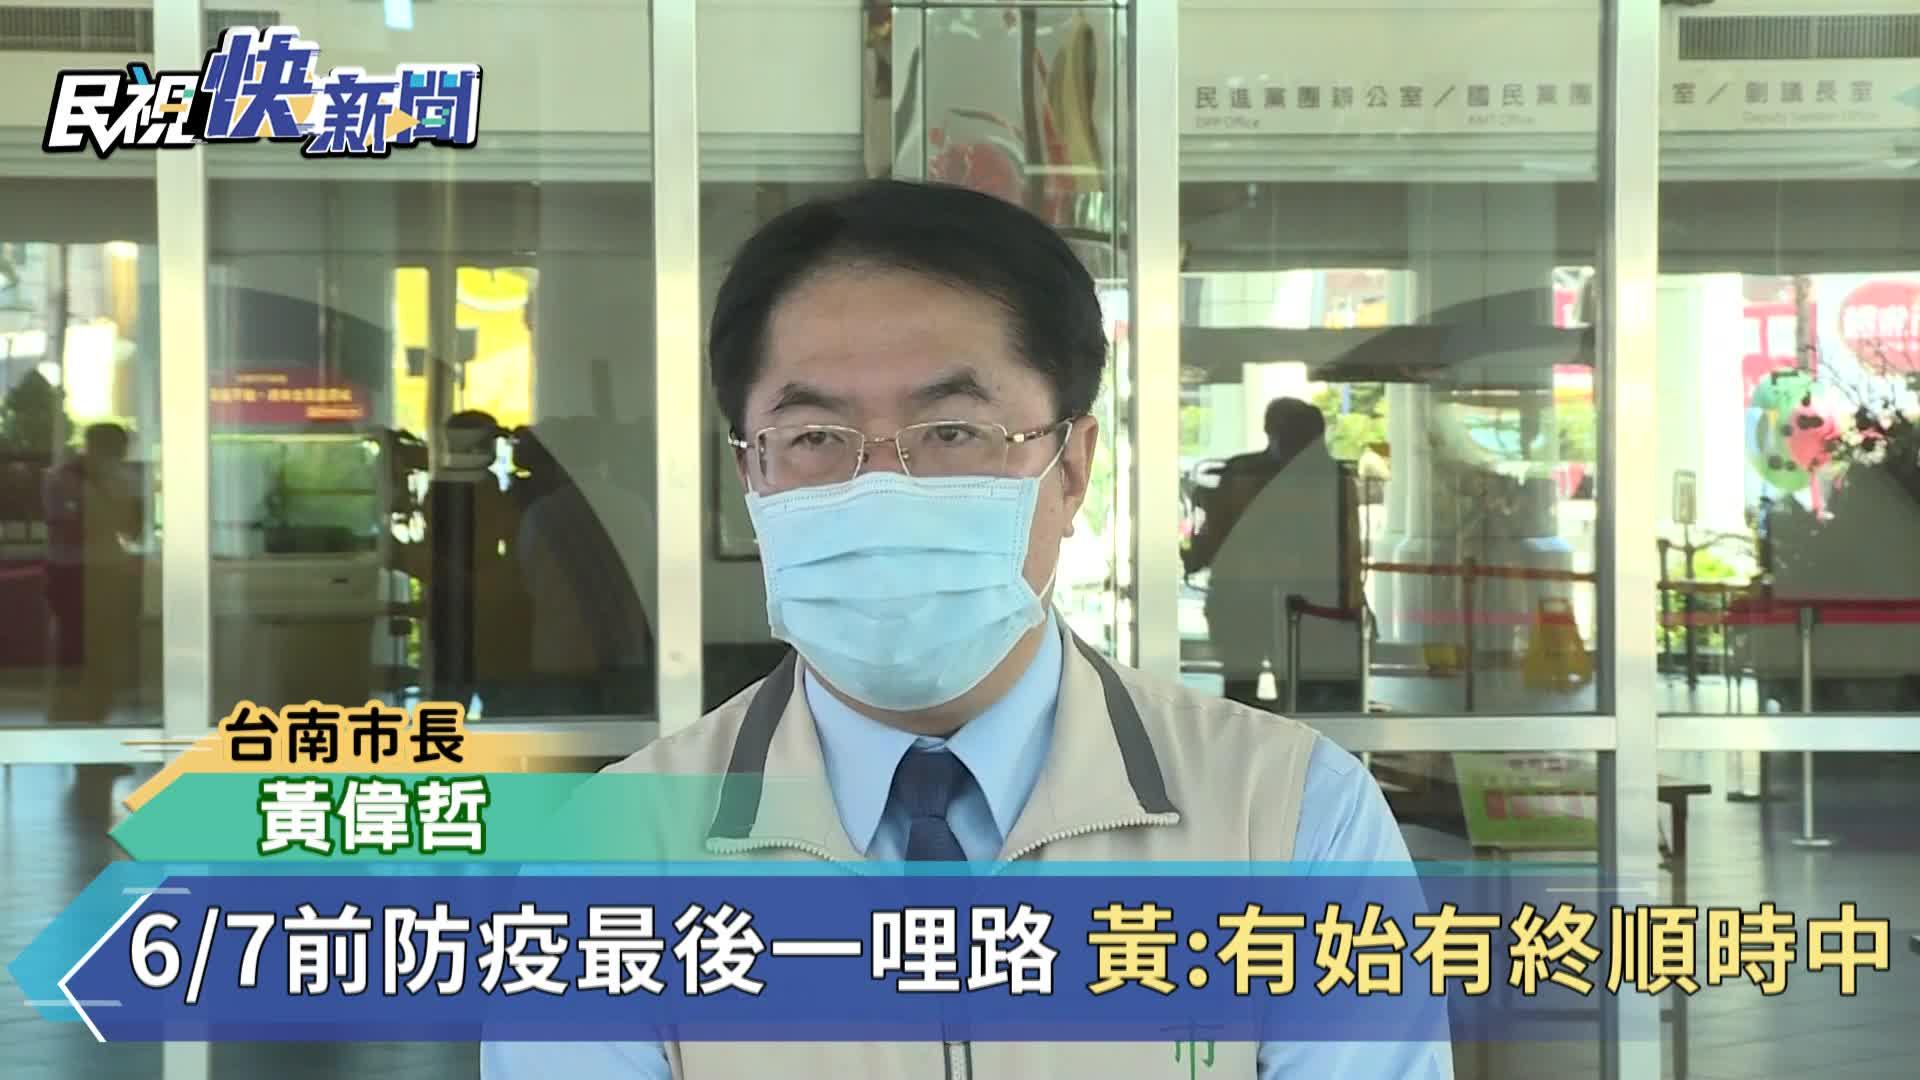 快新聞/6/7大解封 台南維持洽公實名制、舞廳跳舞解禁